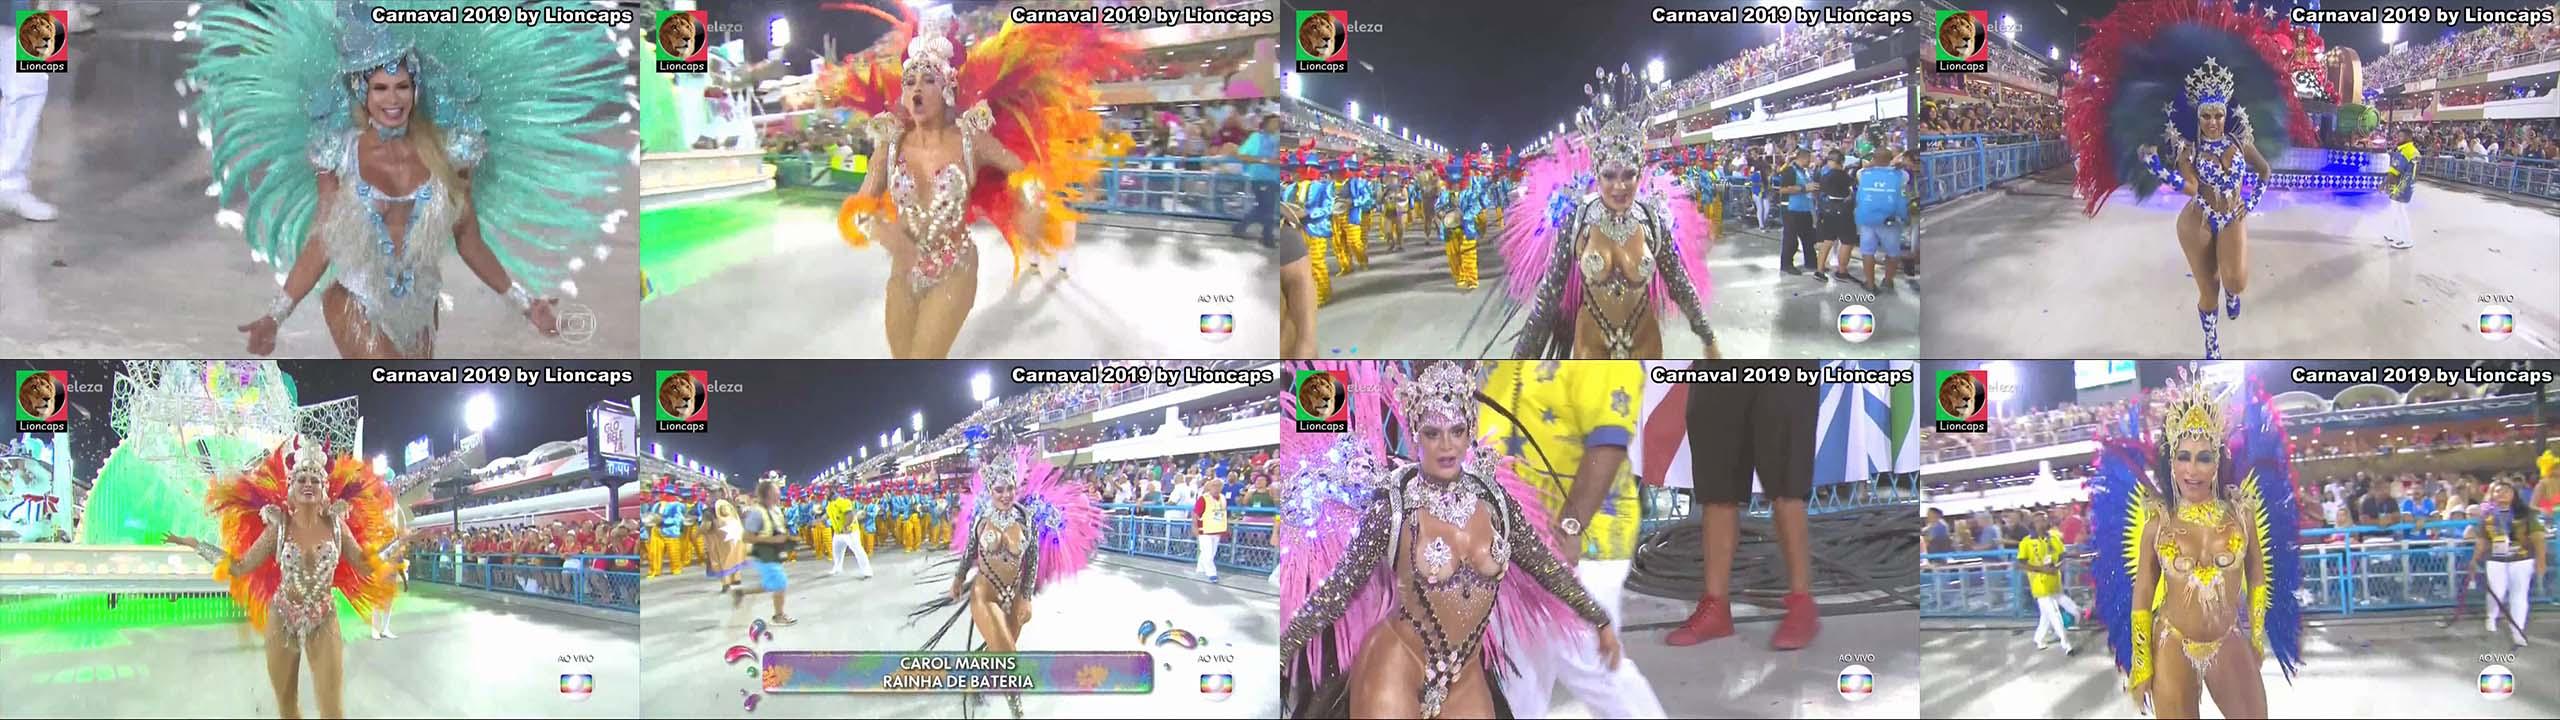 840537327_carnaval_2019_lioncaps_09_02_2020_05_122_482lo.jpg